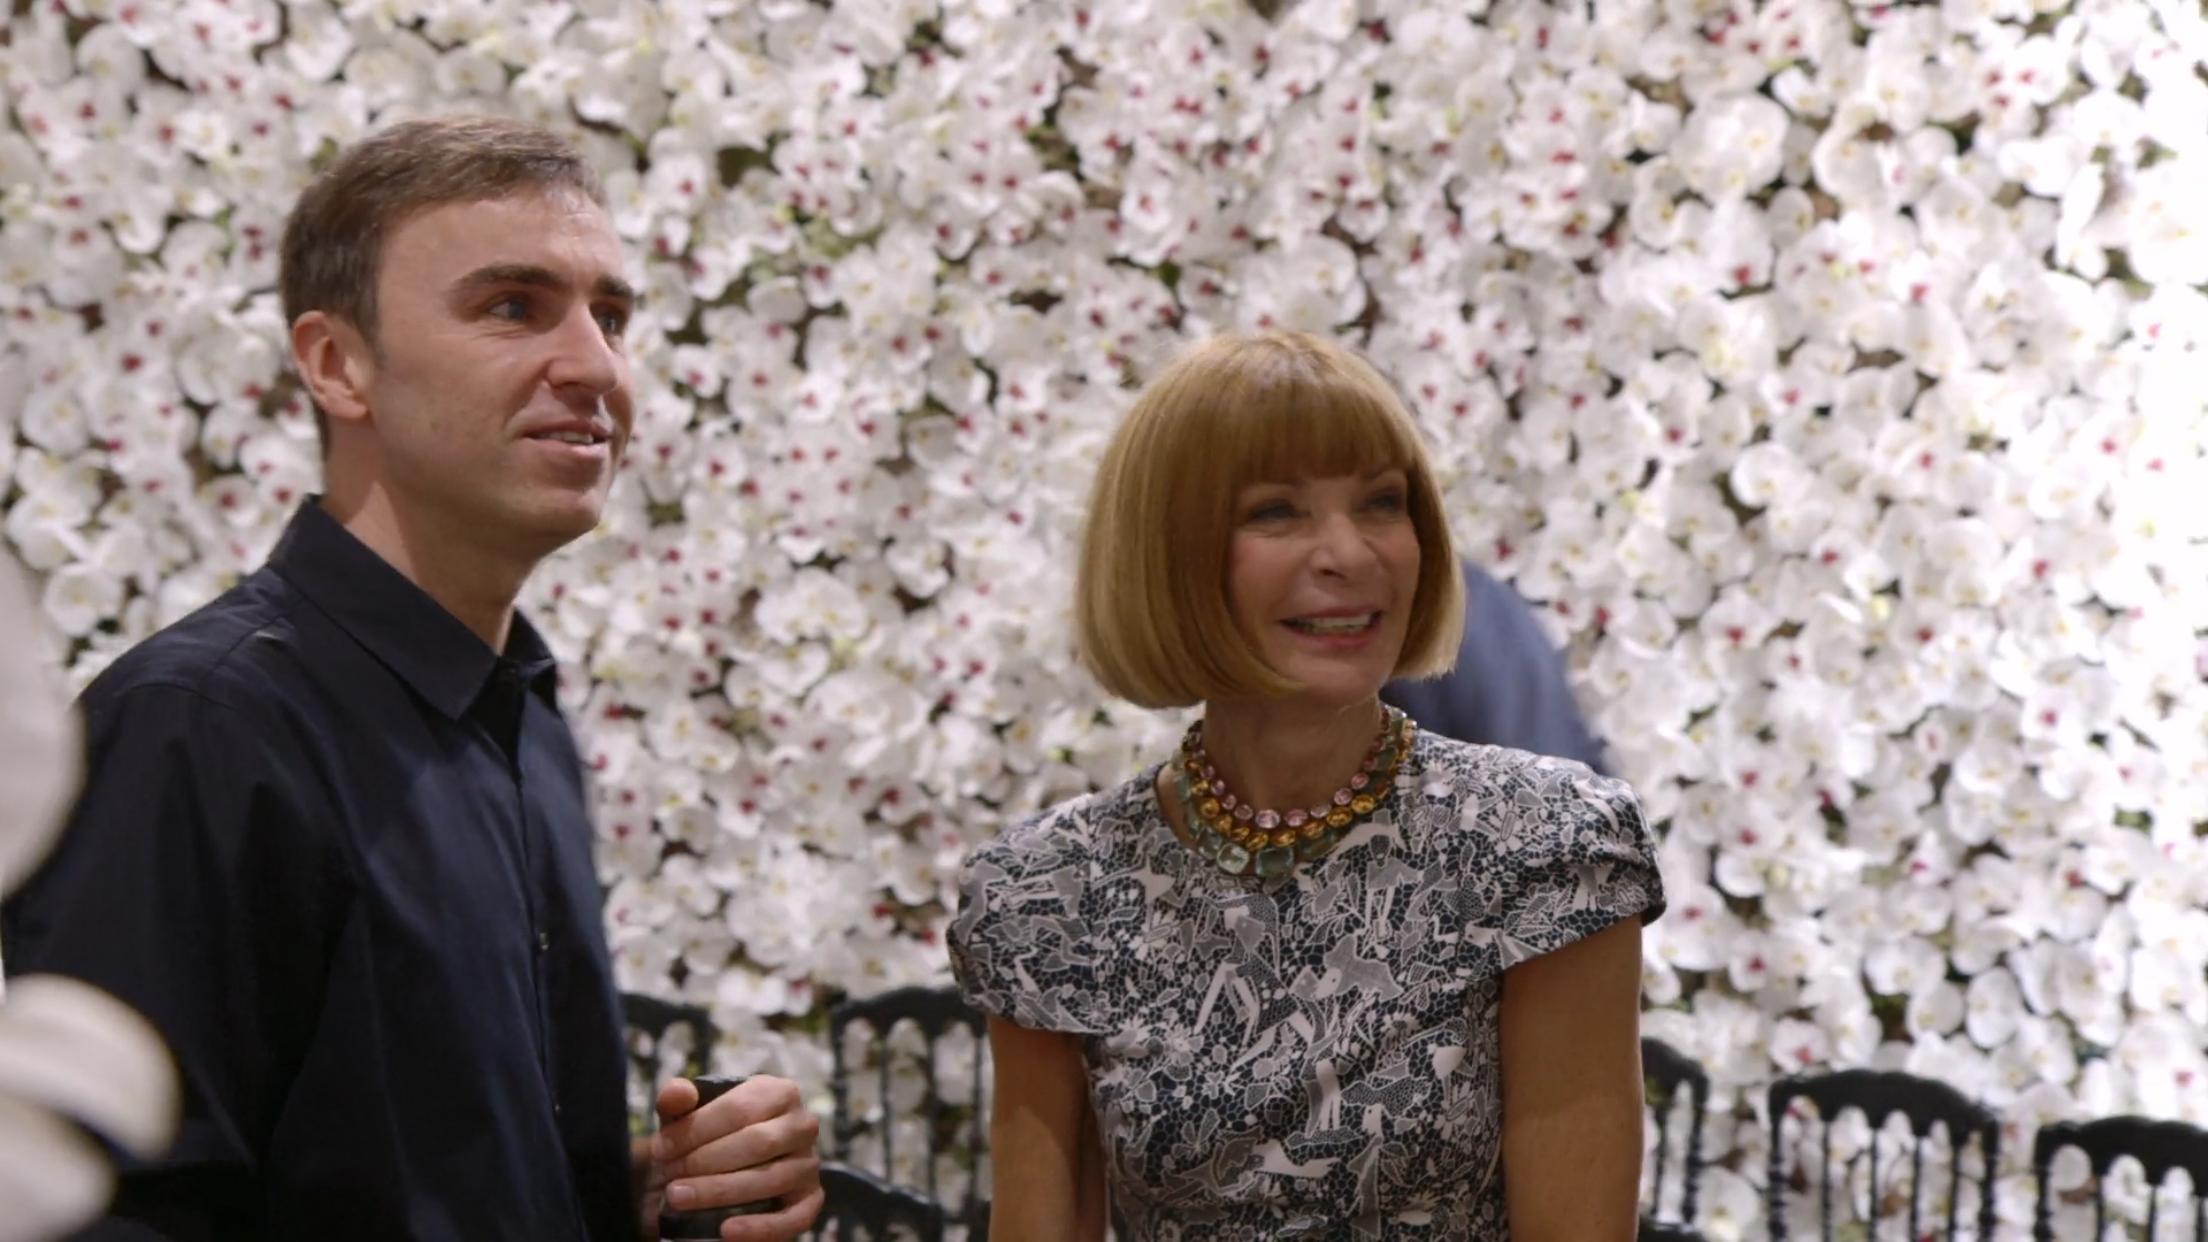 ロン毛と坊主とニューヨーク Dior and I ディオールと私